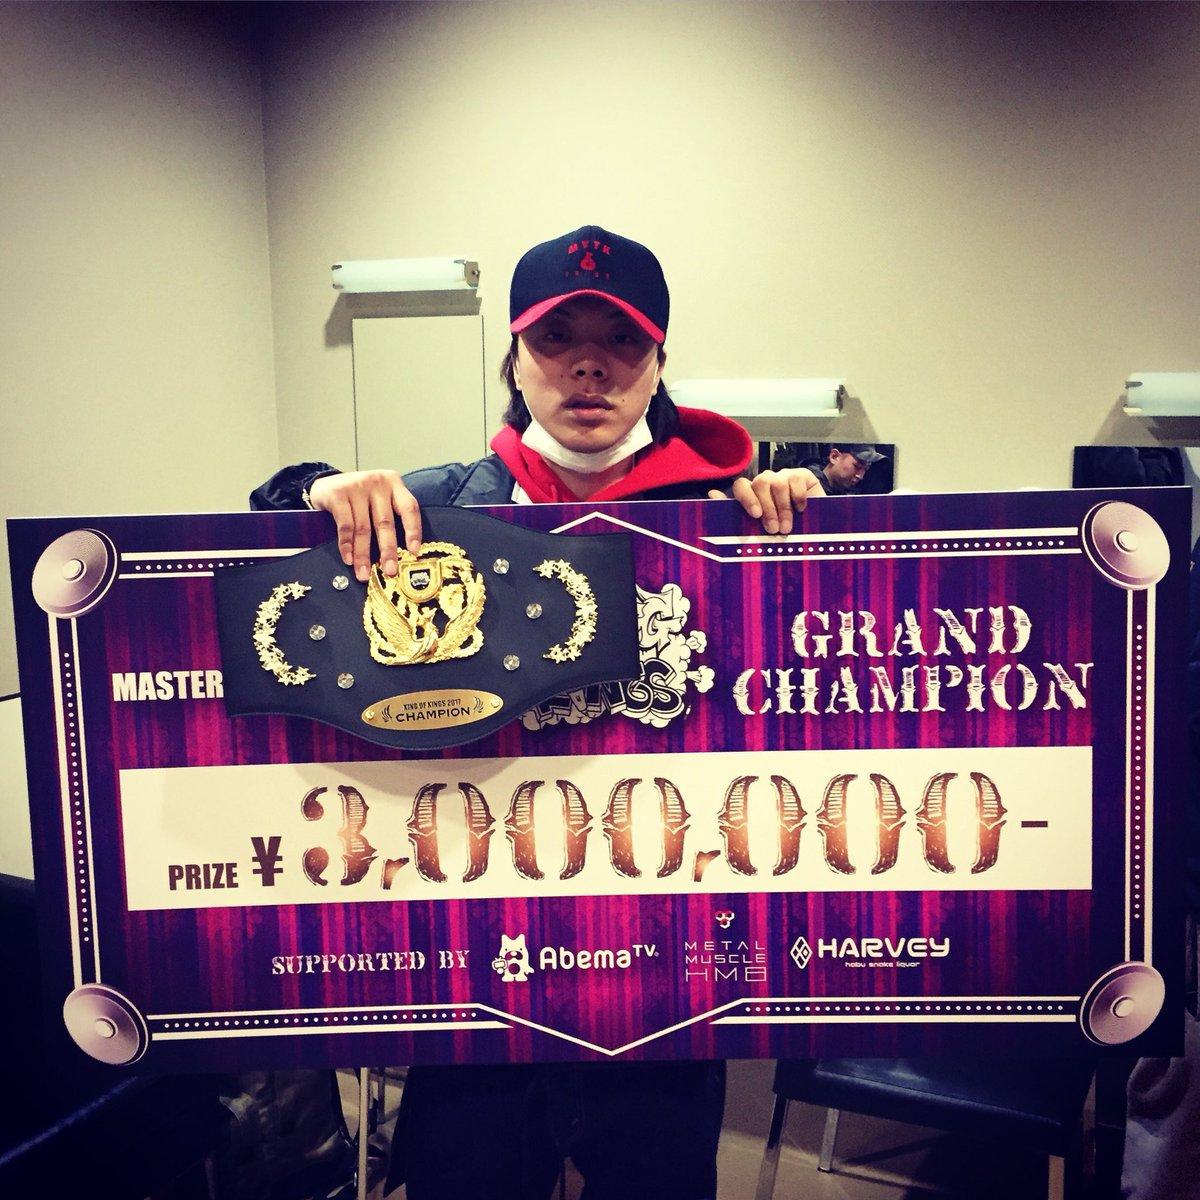 KOK優勝しました!ありがとうございました。300万のうち100万は母ちゃんにやらんといかんちゃ、、…